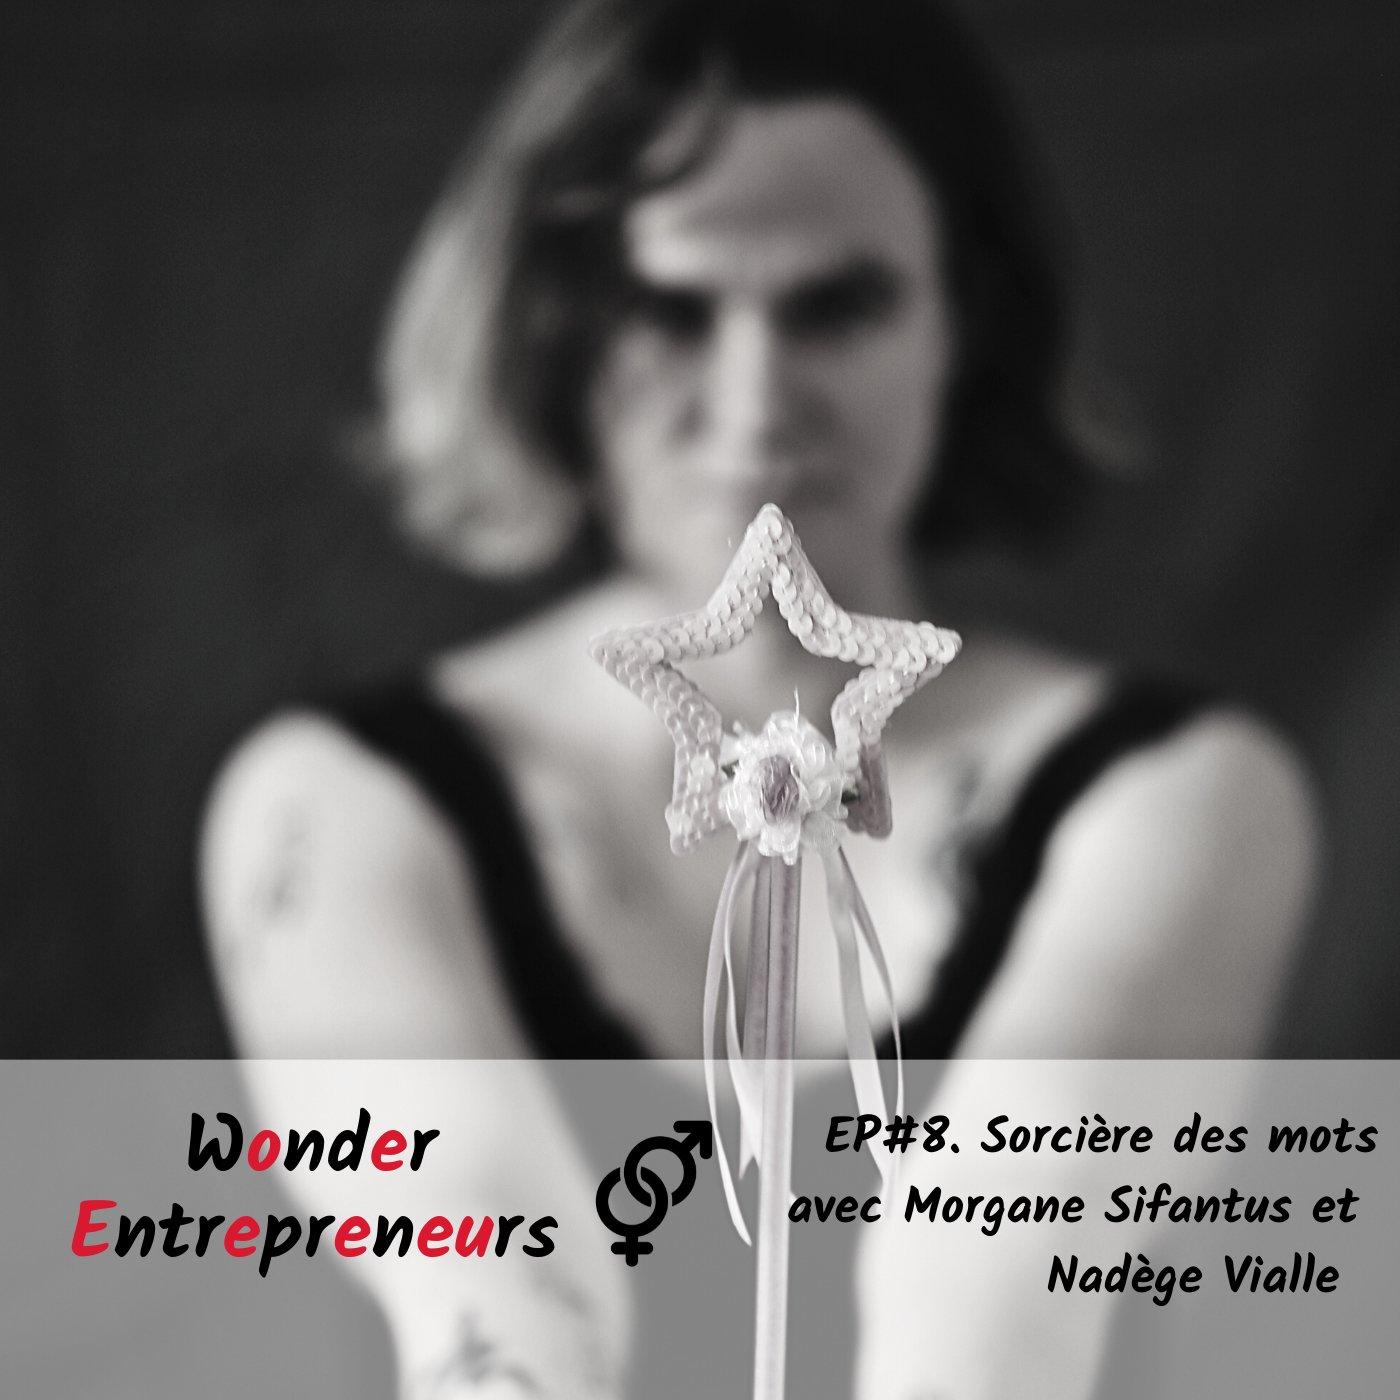 EP 8 WONDER ENTREPRENEURS SORCIERE DES MOTS AVEC MORGANE SIFANTUS et NADEGE VIALLE